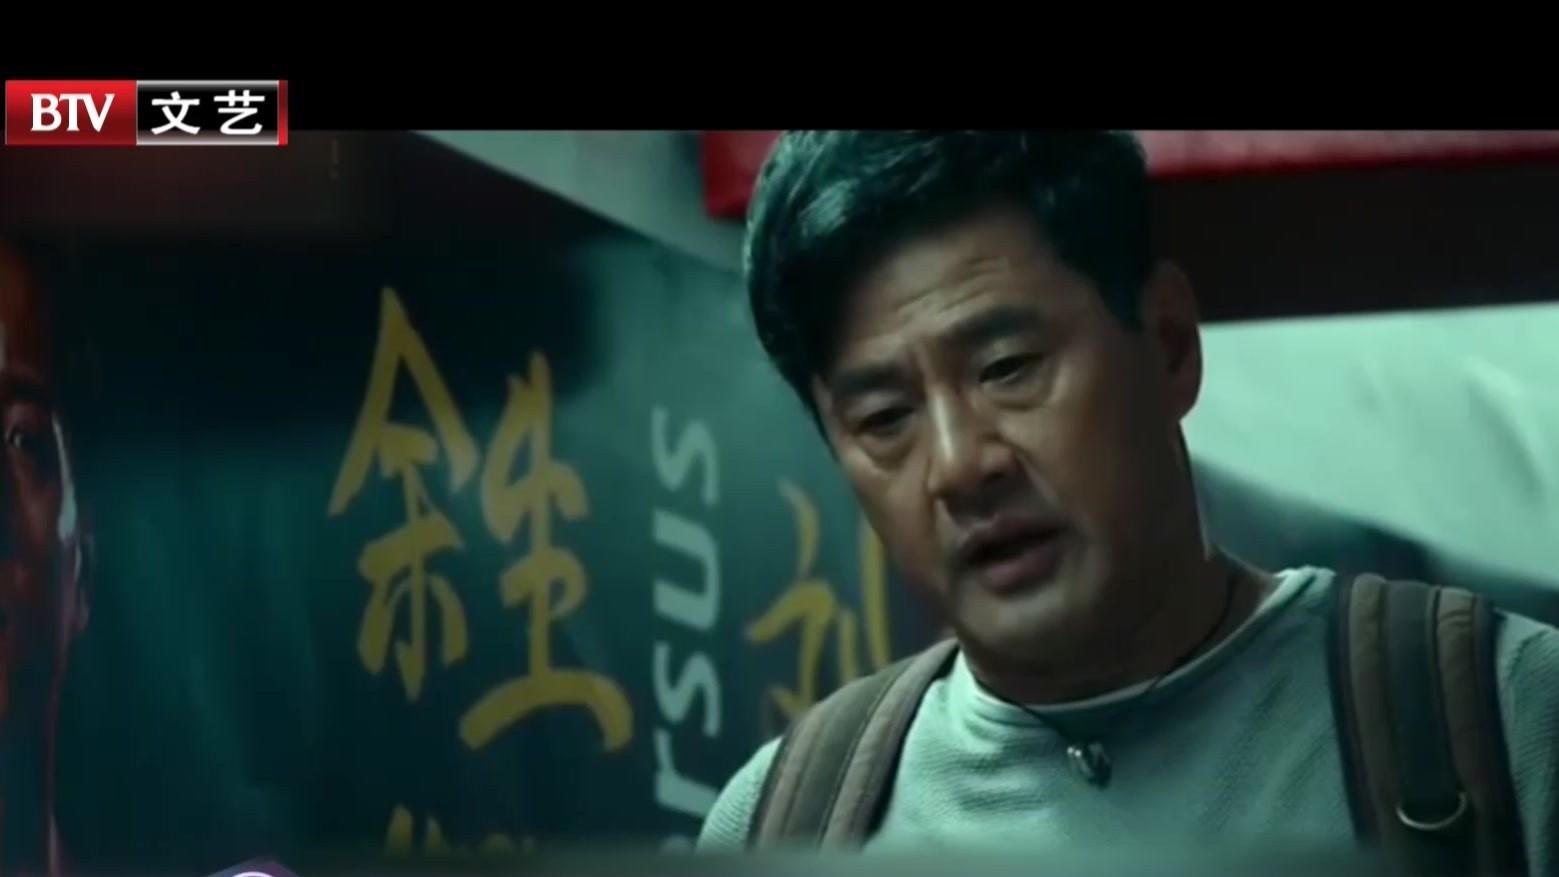 于荣光新片《父子拳王》举办首映礼